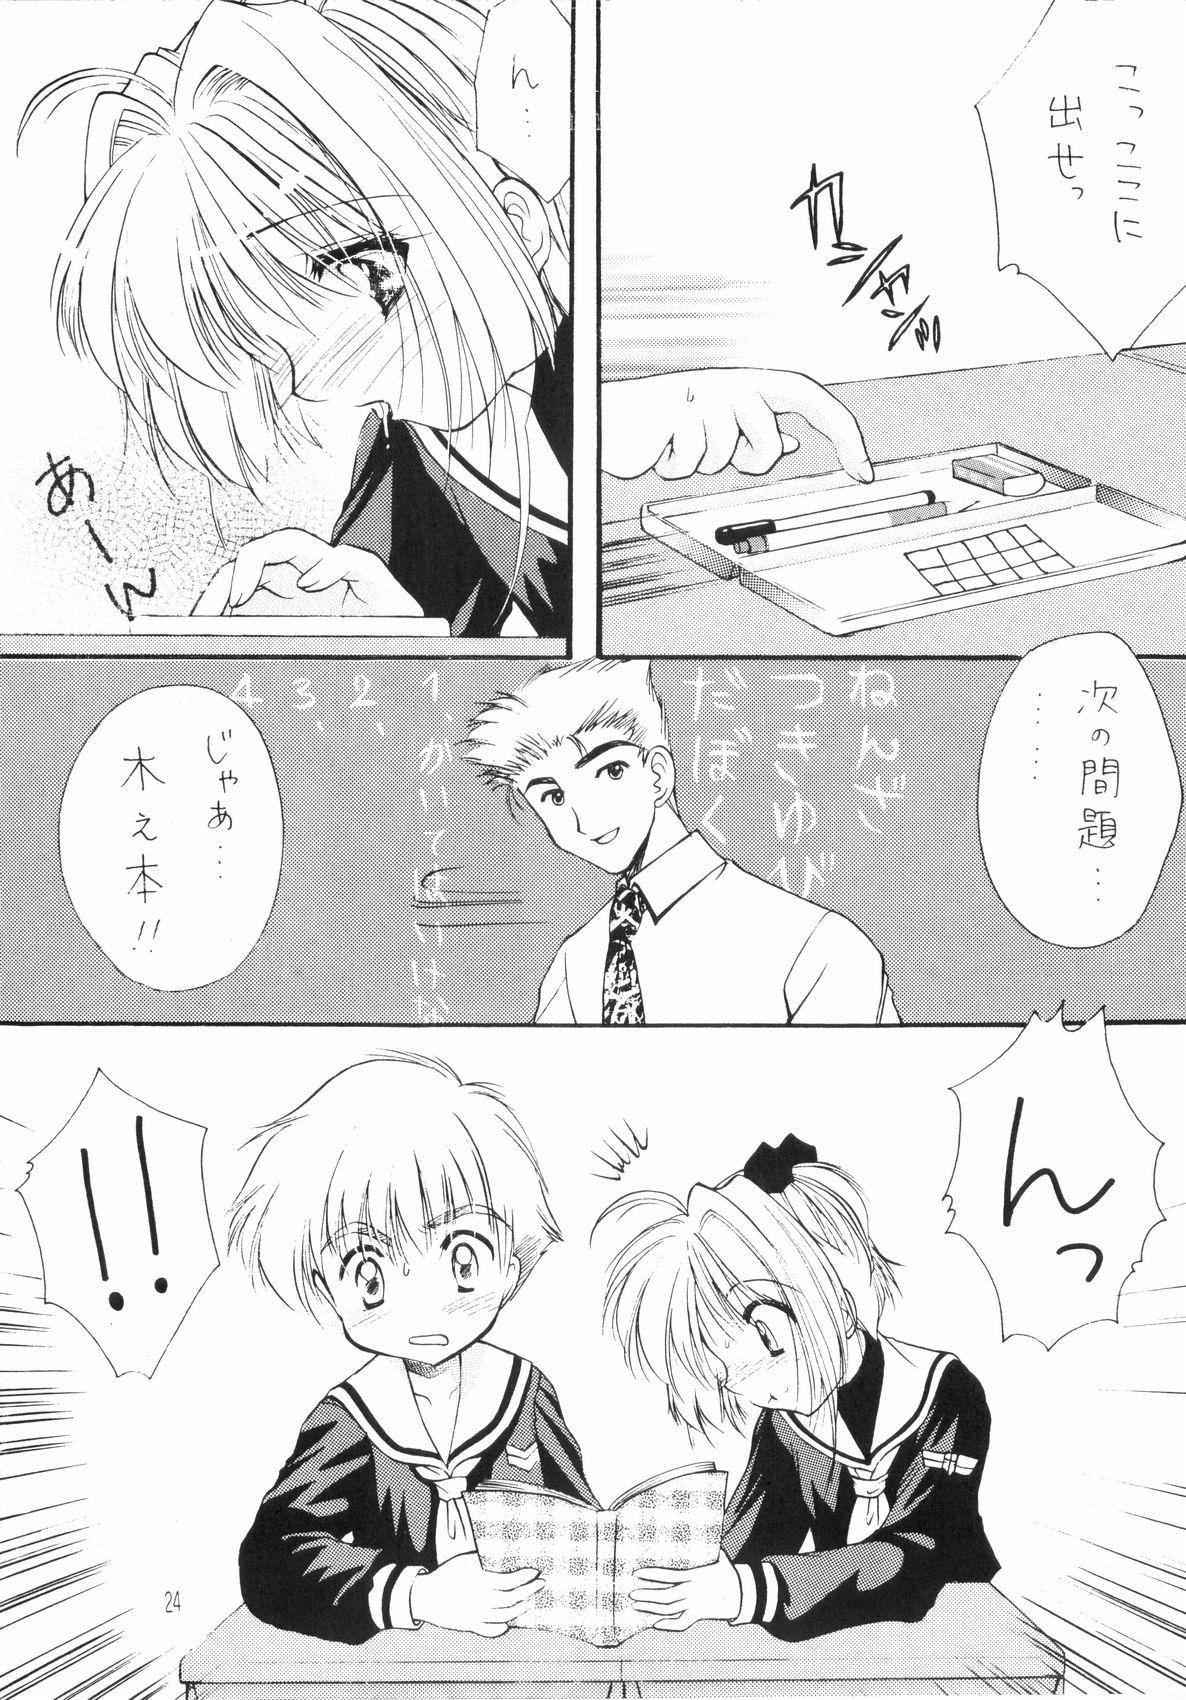 Sakura Enikki 23